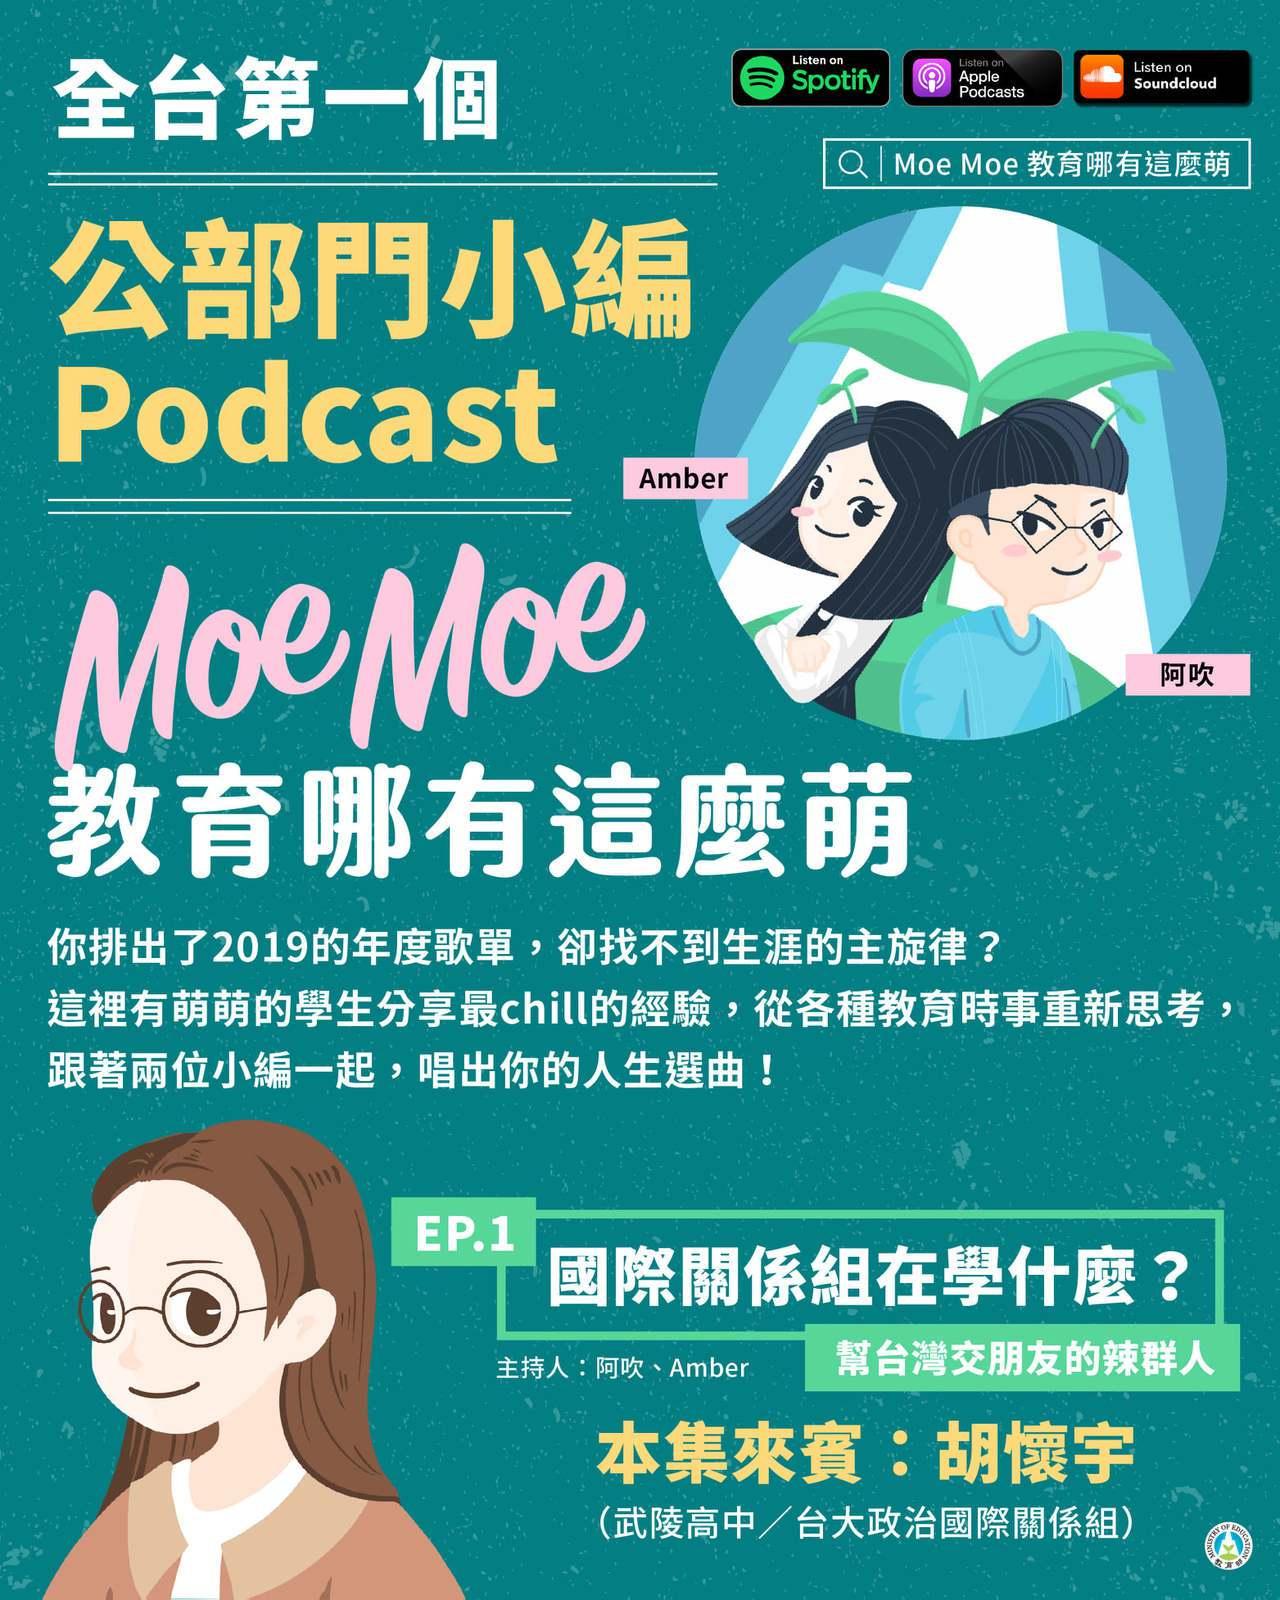 教育部推播客節目「Moe Moe教育哪有這麼萌」,協助高中生生涯探索。圖/取自教...